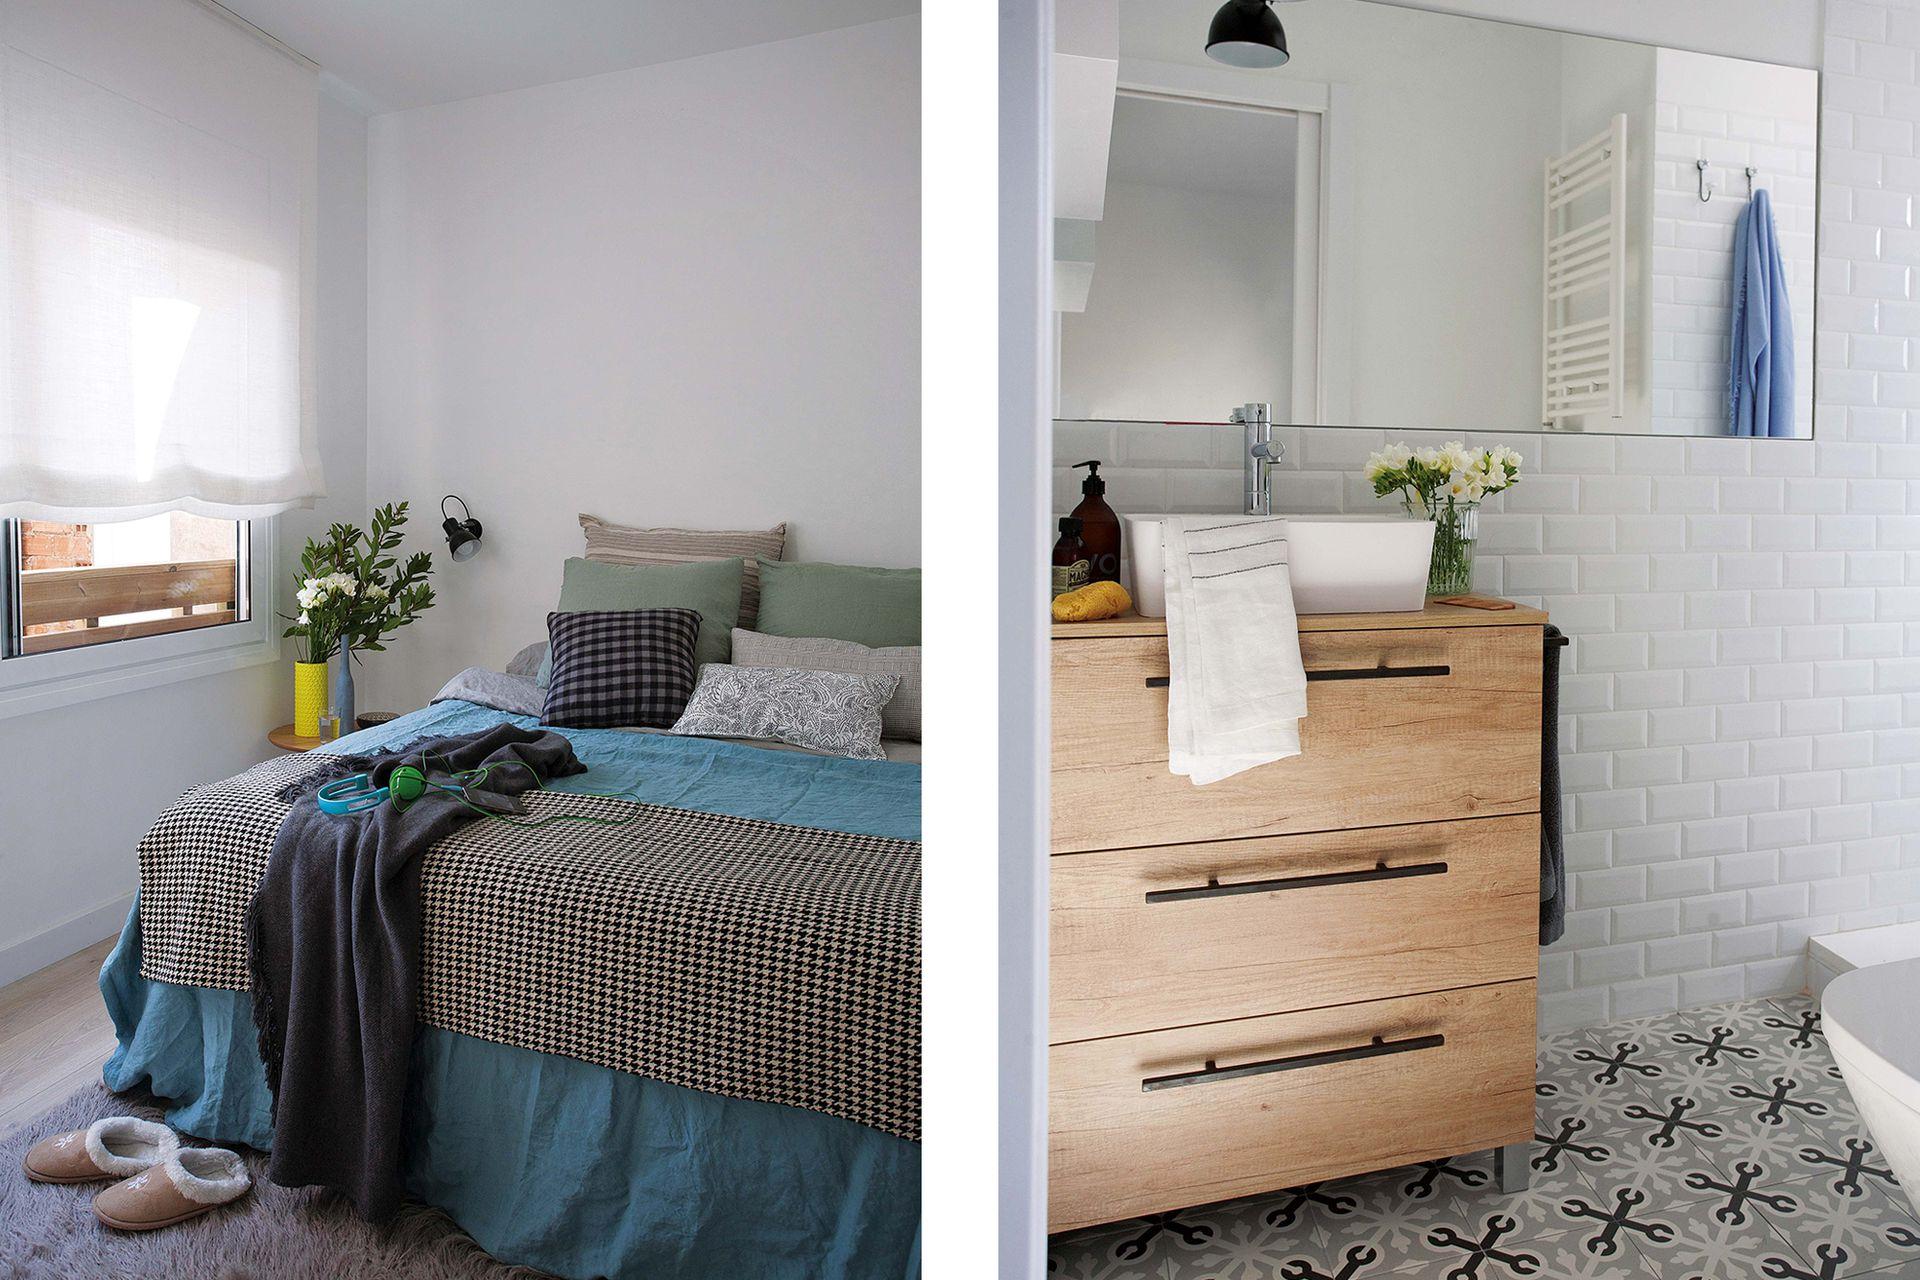 En el dormitorio, mesa de luz (Sacum), aplique de pared (Interiorista Marta Prats). Funda de lino celeste (Zara Home), pie Príncipe de Gales y almohadones en lino (todo de Calma House).